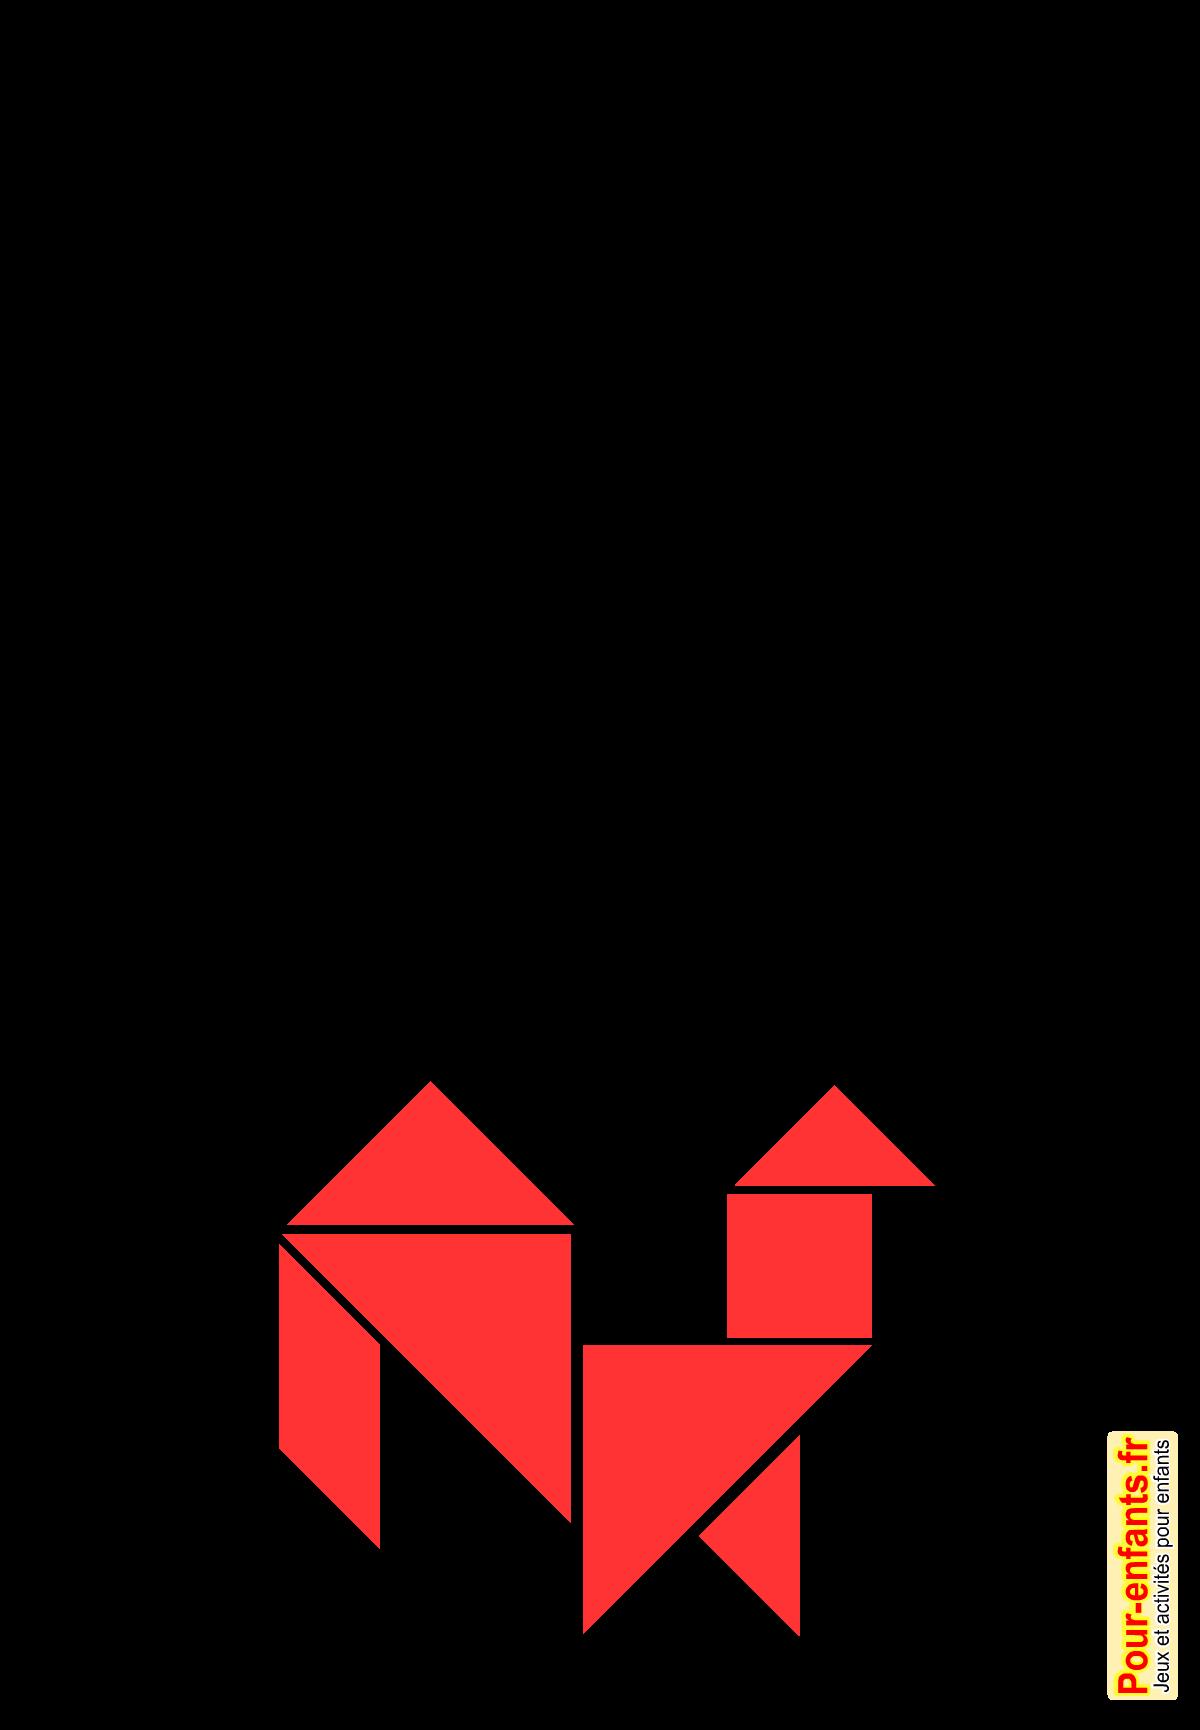 Jeux de p ques imprimer jeu de tangram gratuit paques enfants tangram imprimer et d couper - Image de paques a imprimer ...